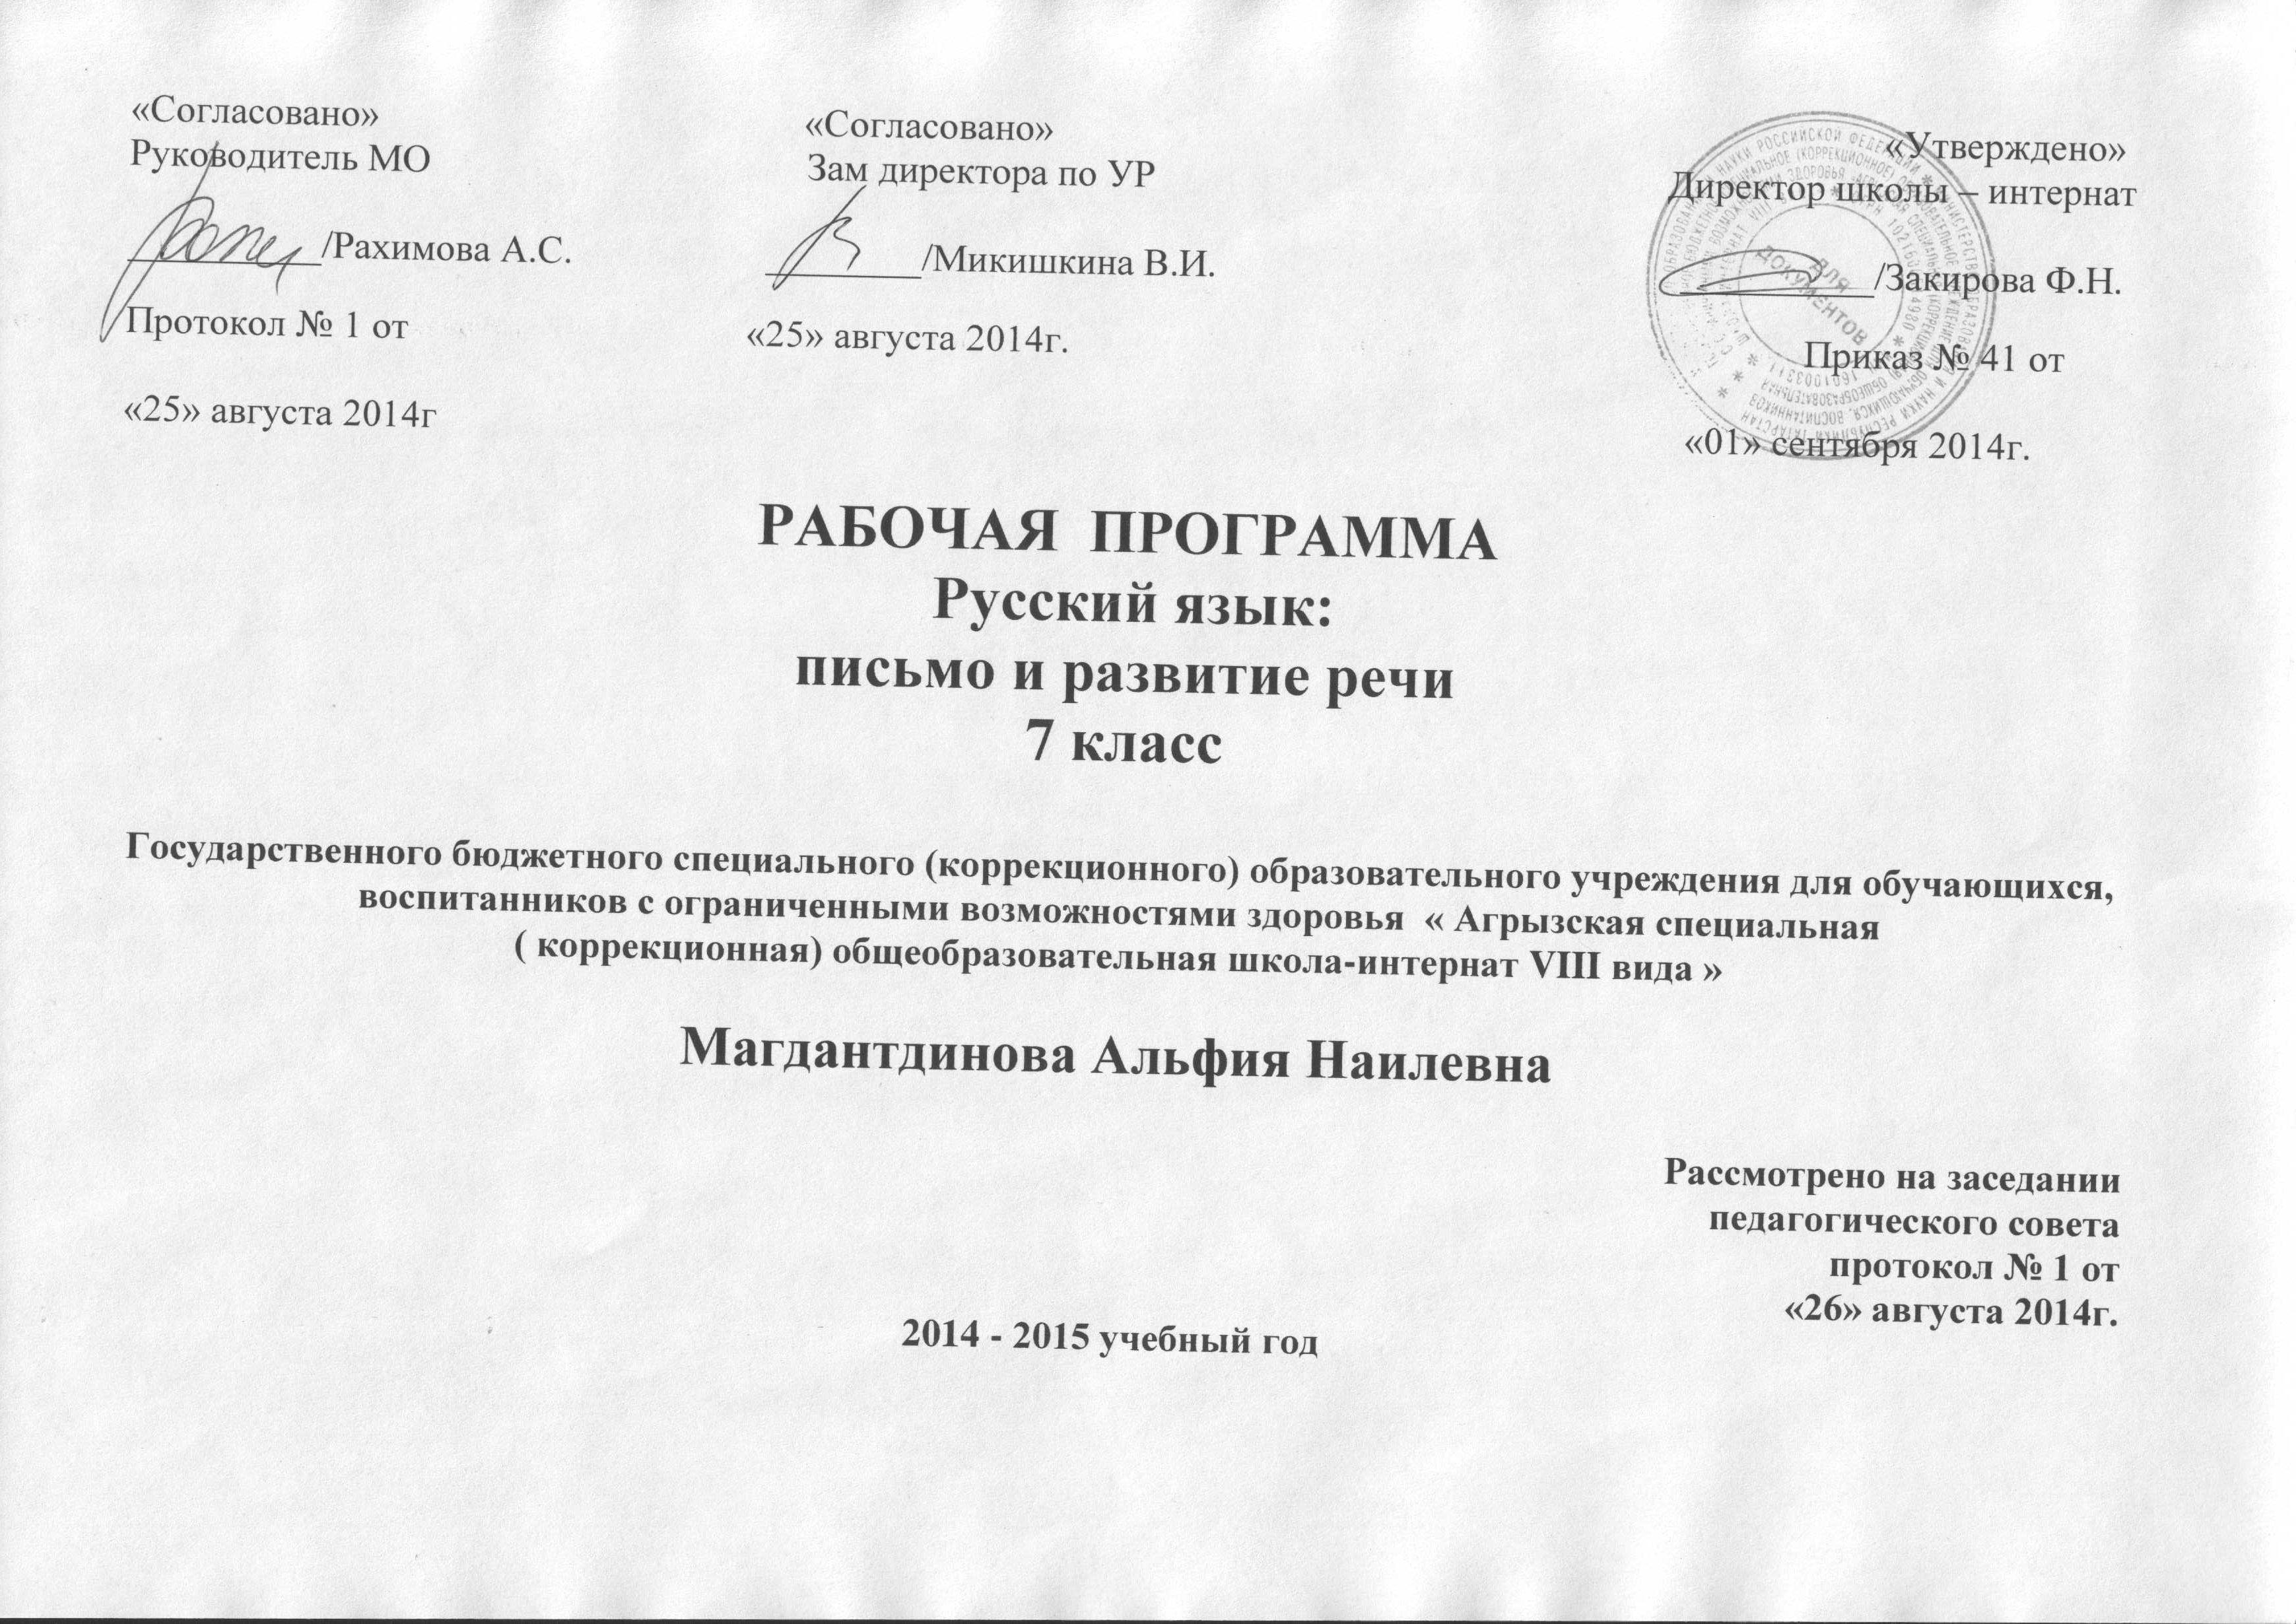 Конспекты уроков по истории беларуси во вспомогательной школе